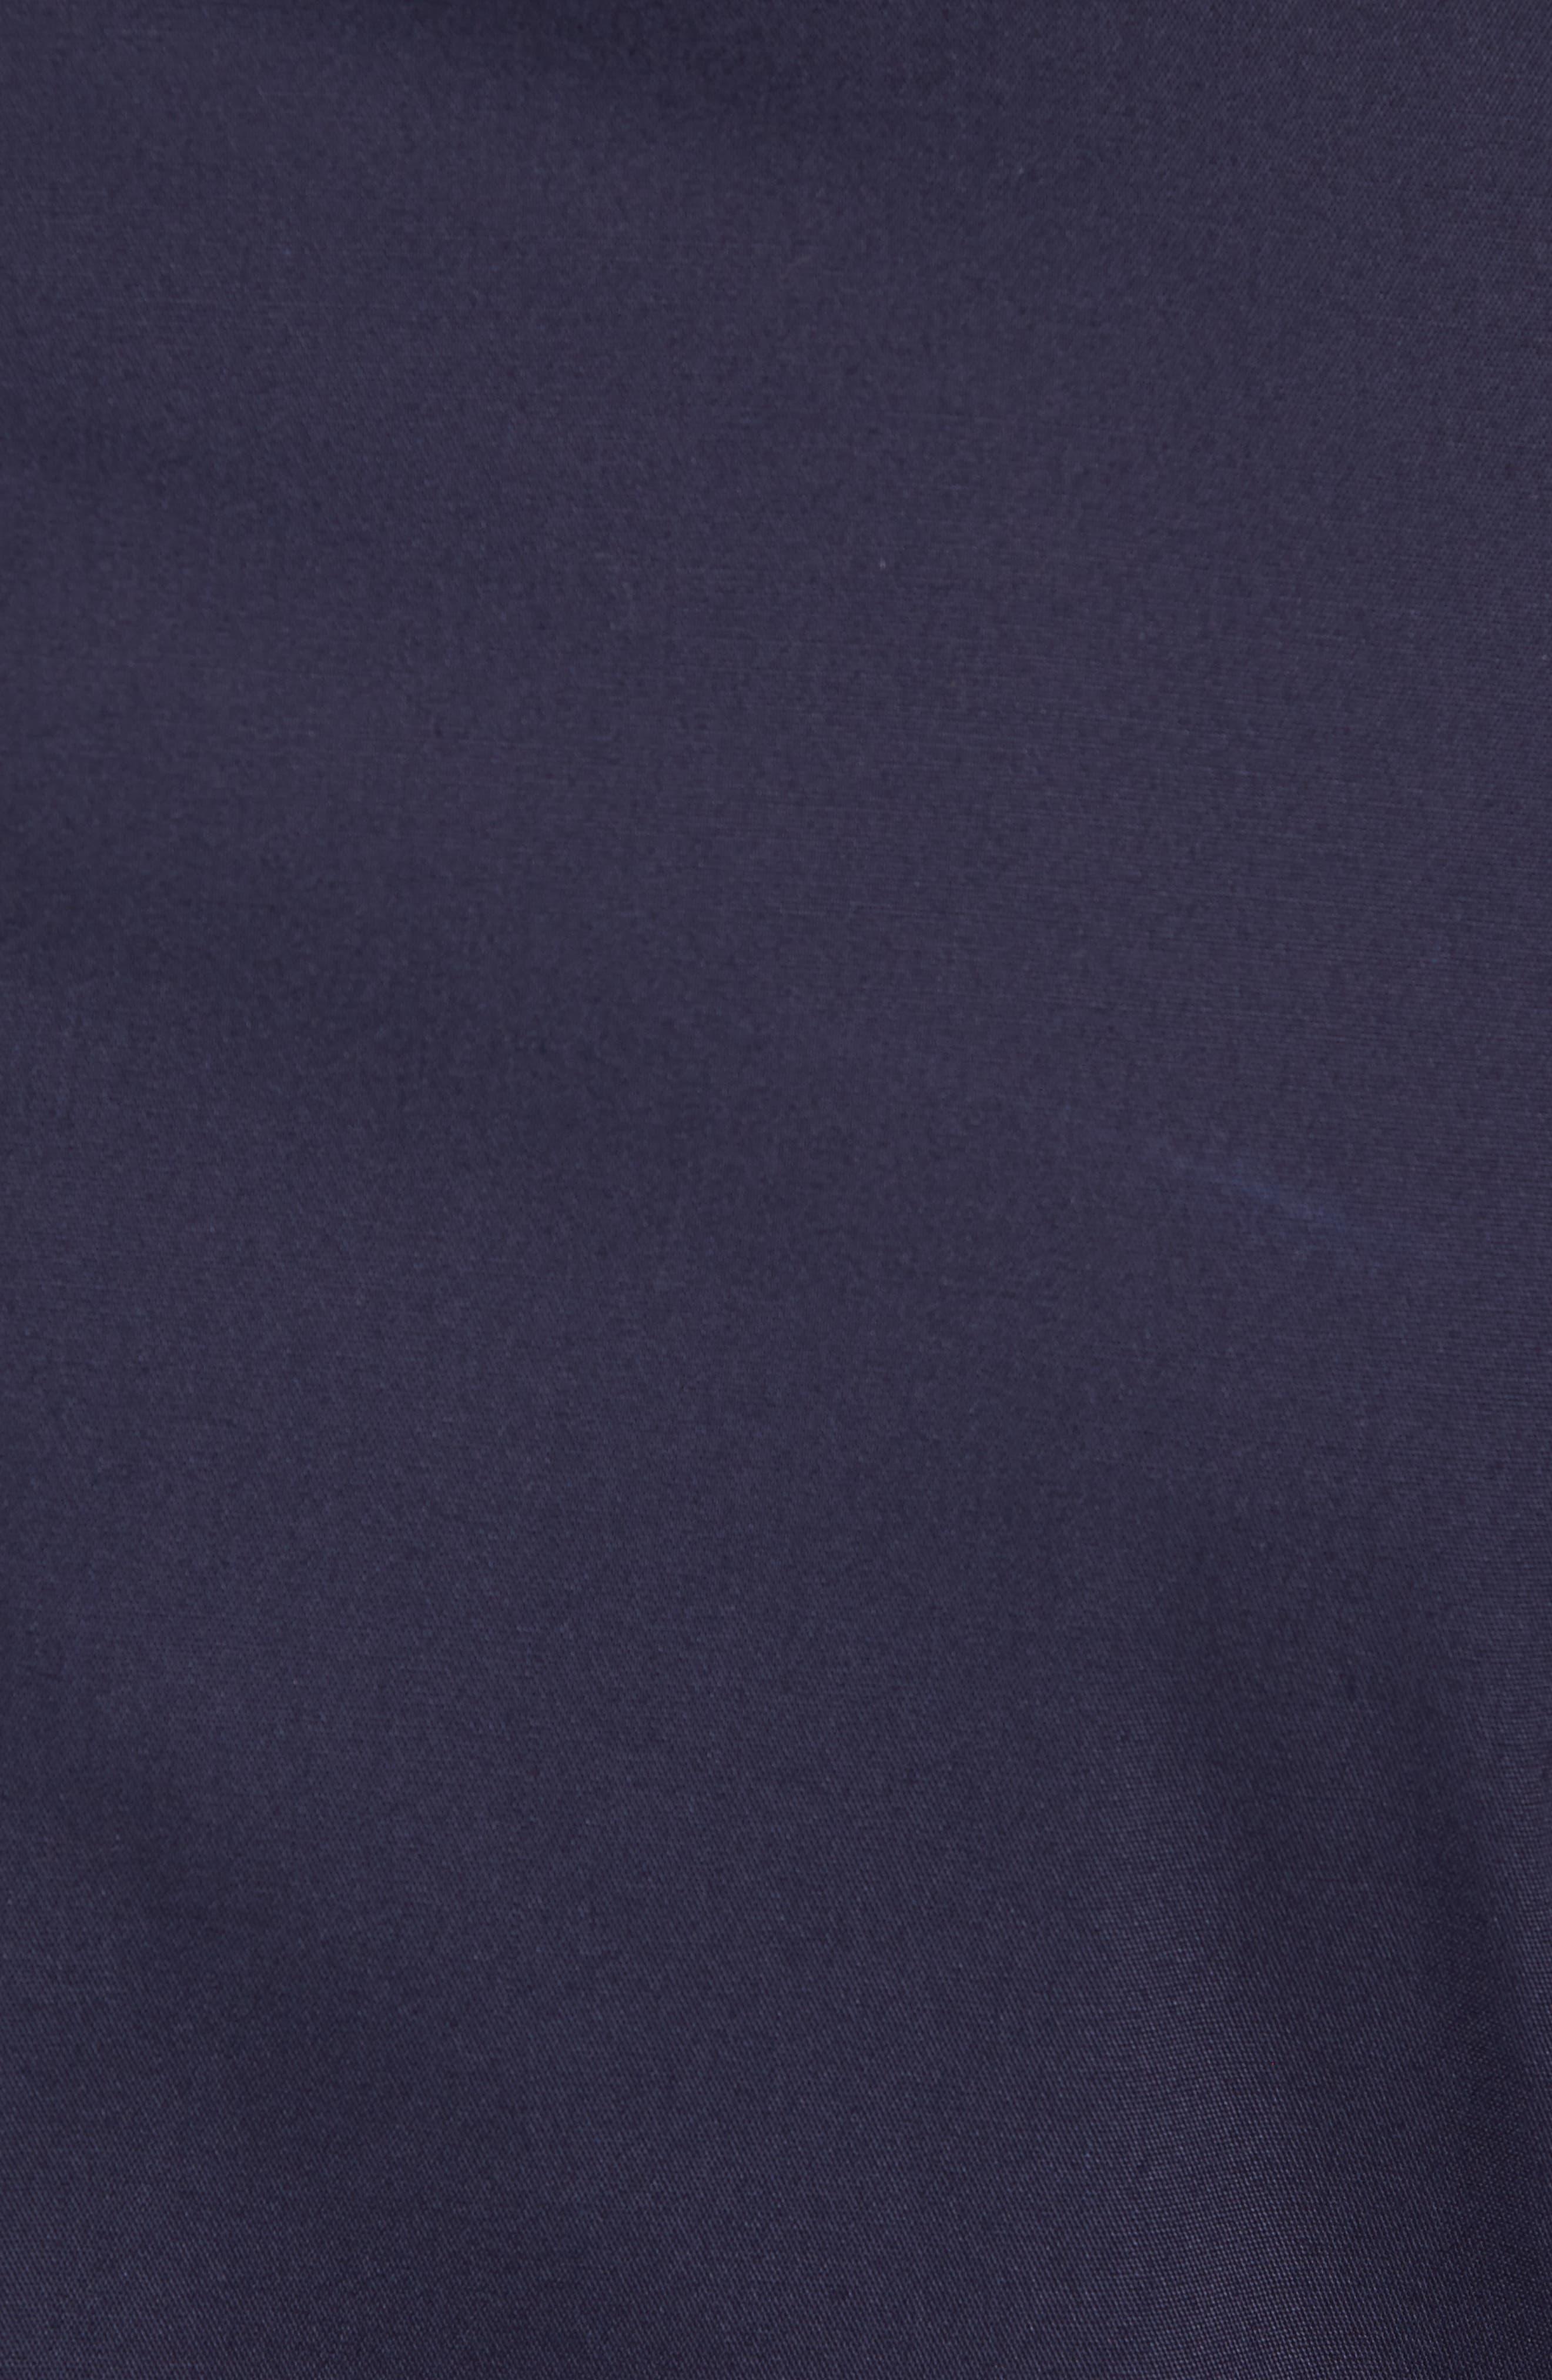 Irons AIM Classic Fit Solid Cotton Blend Suit,                             Alternate thumbnail 7, color,                             410